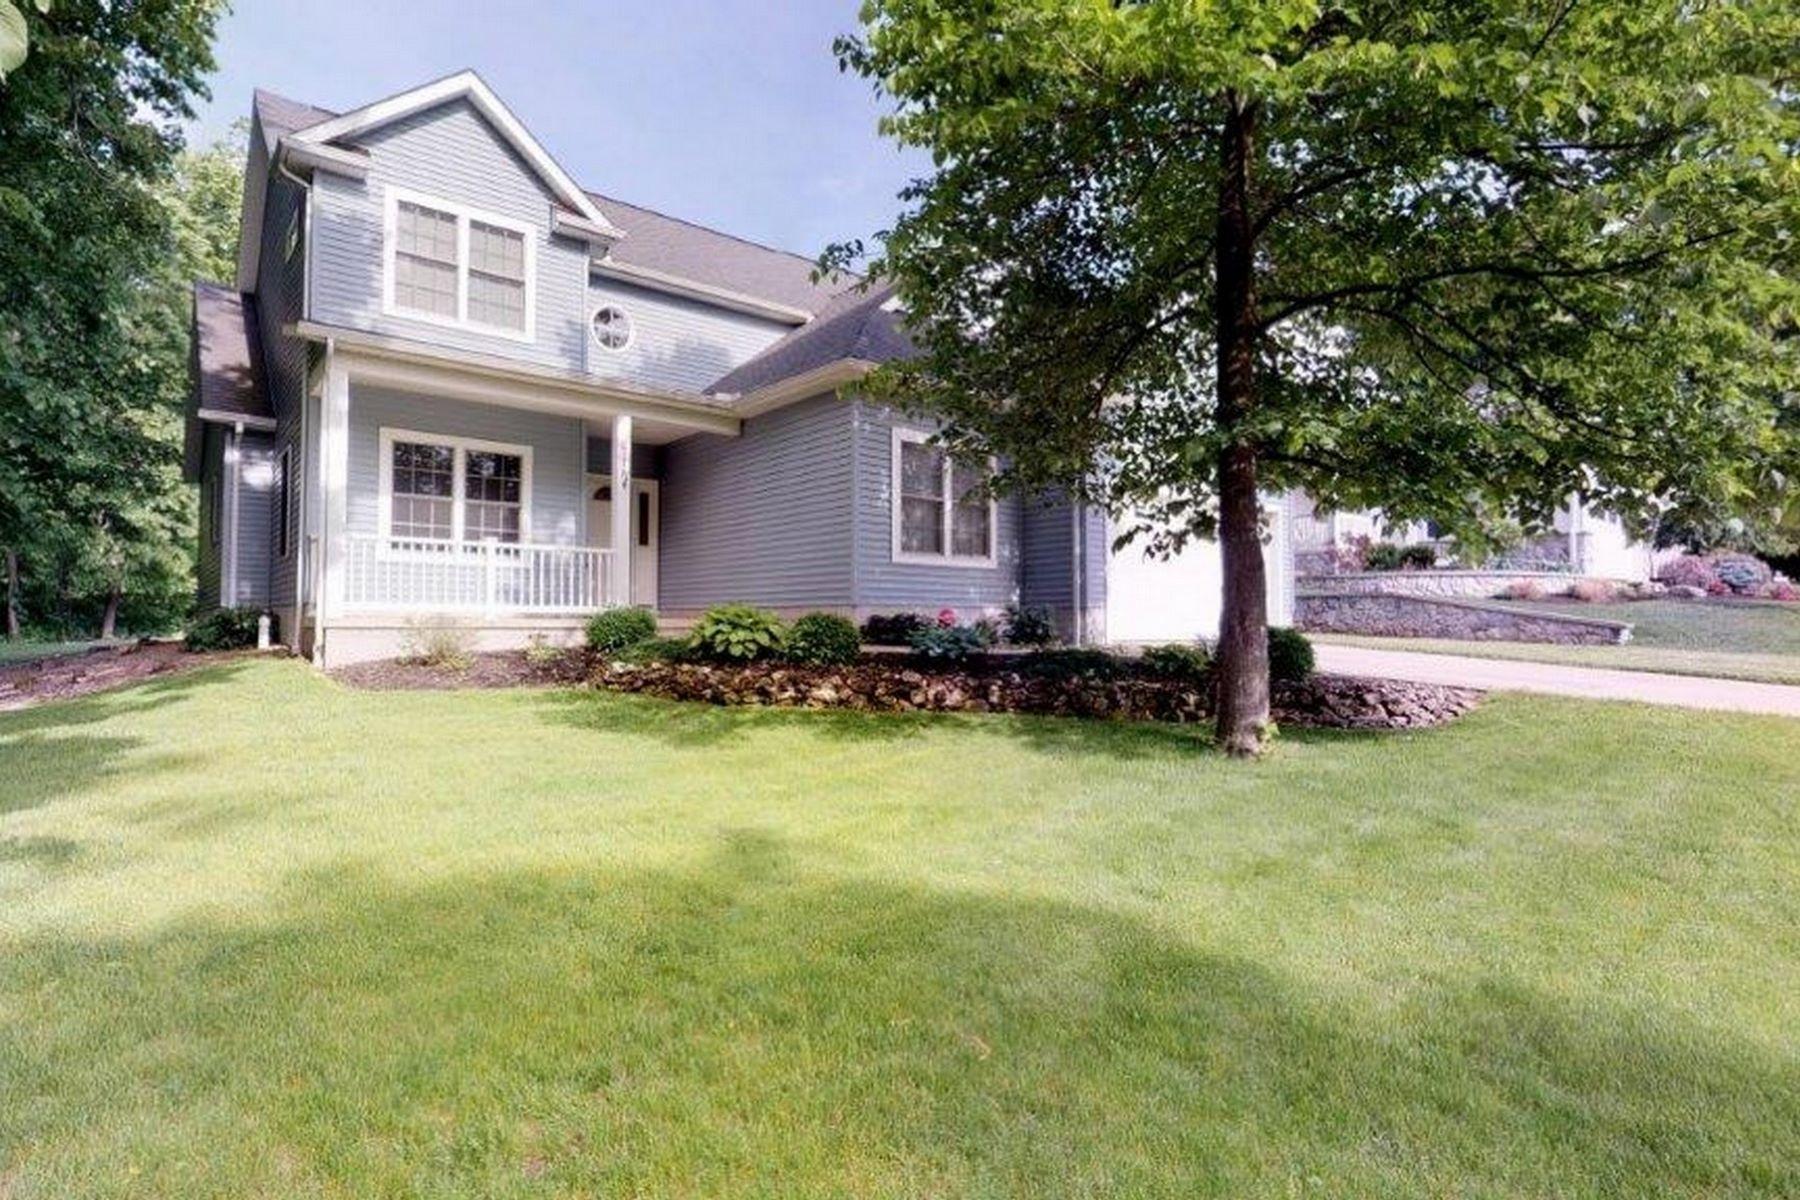 Single Family Homes for Sale at 715 Oak Avenue Lakeside, Ohio 43440 United States